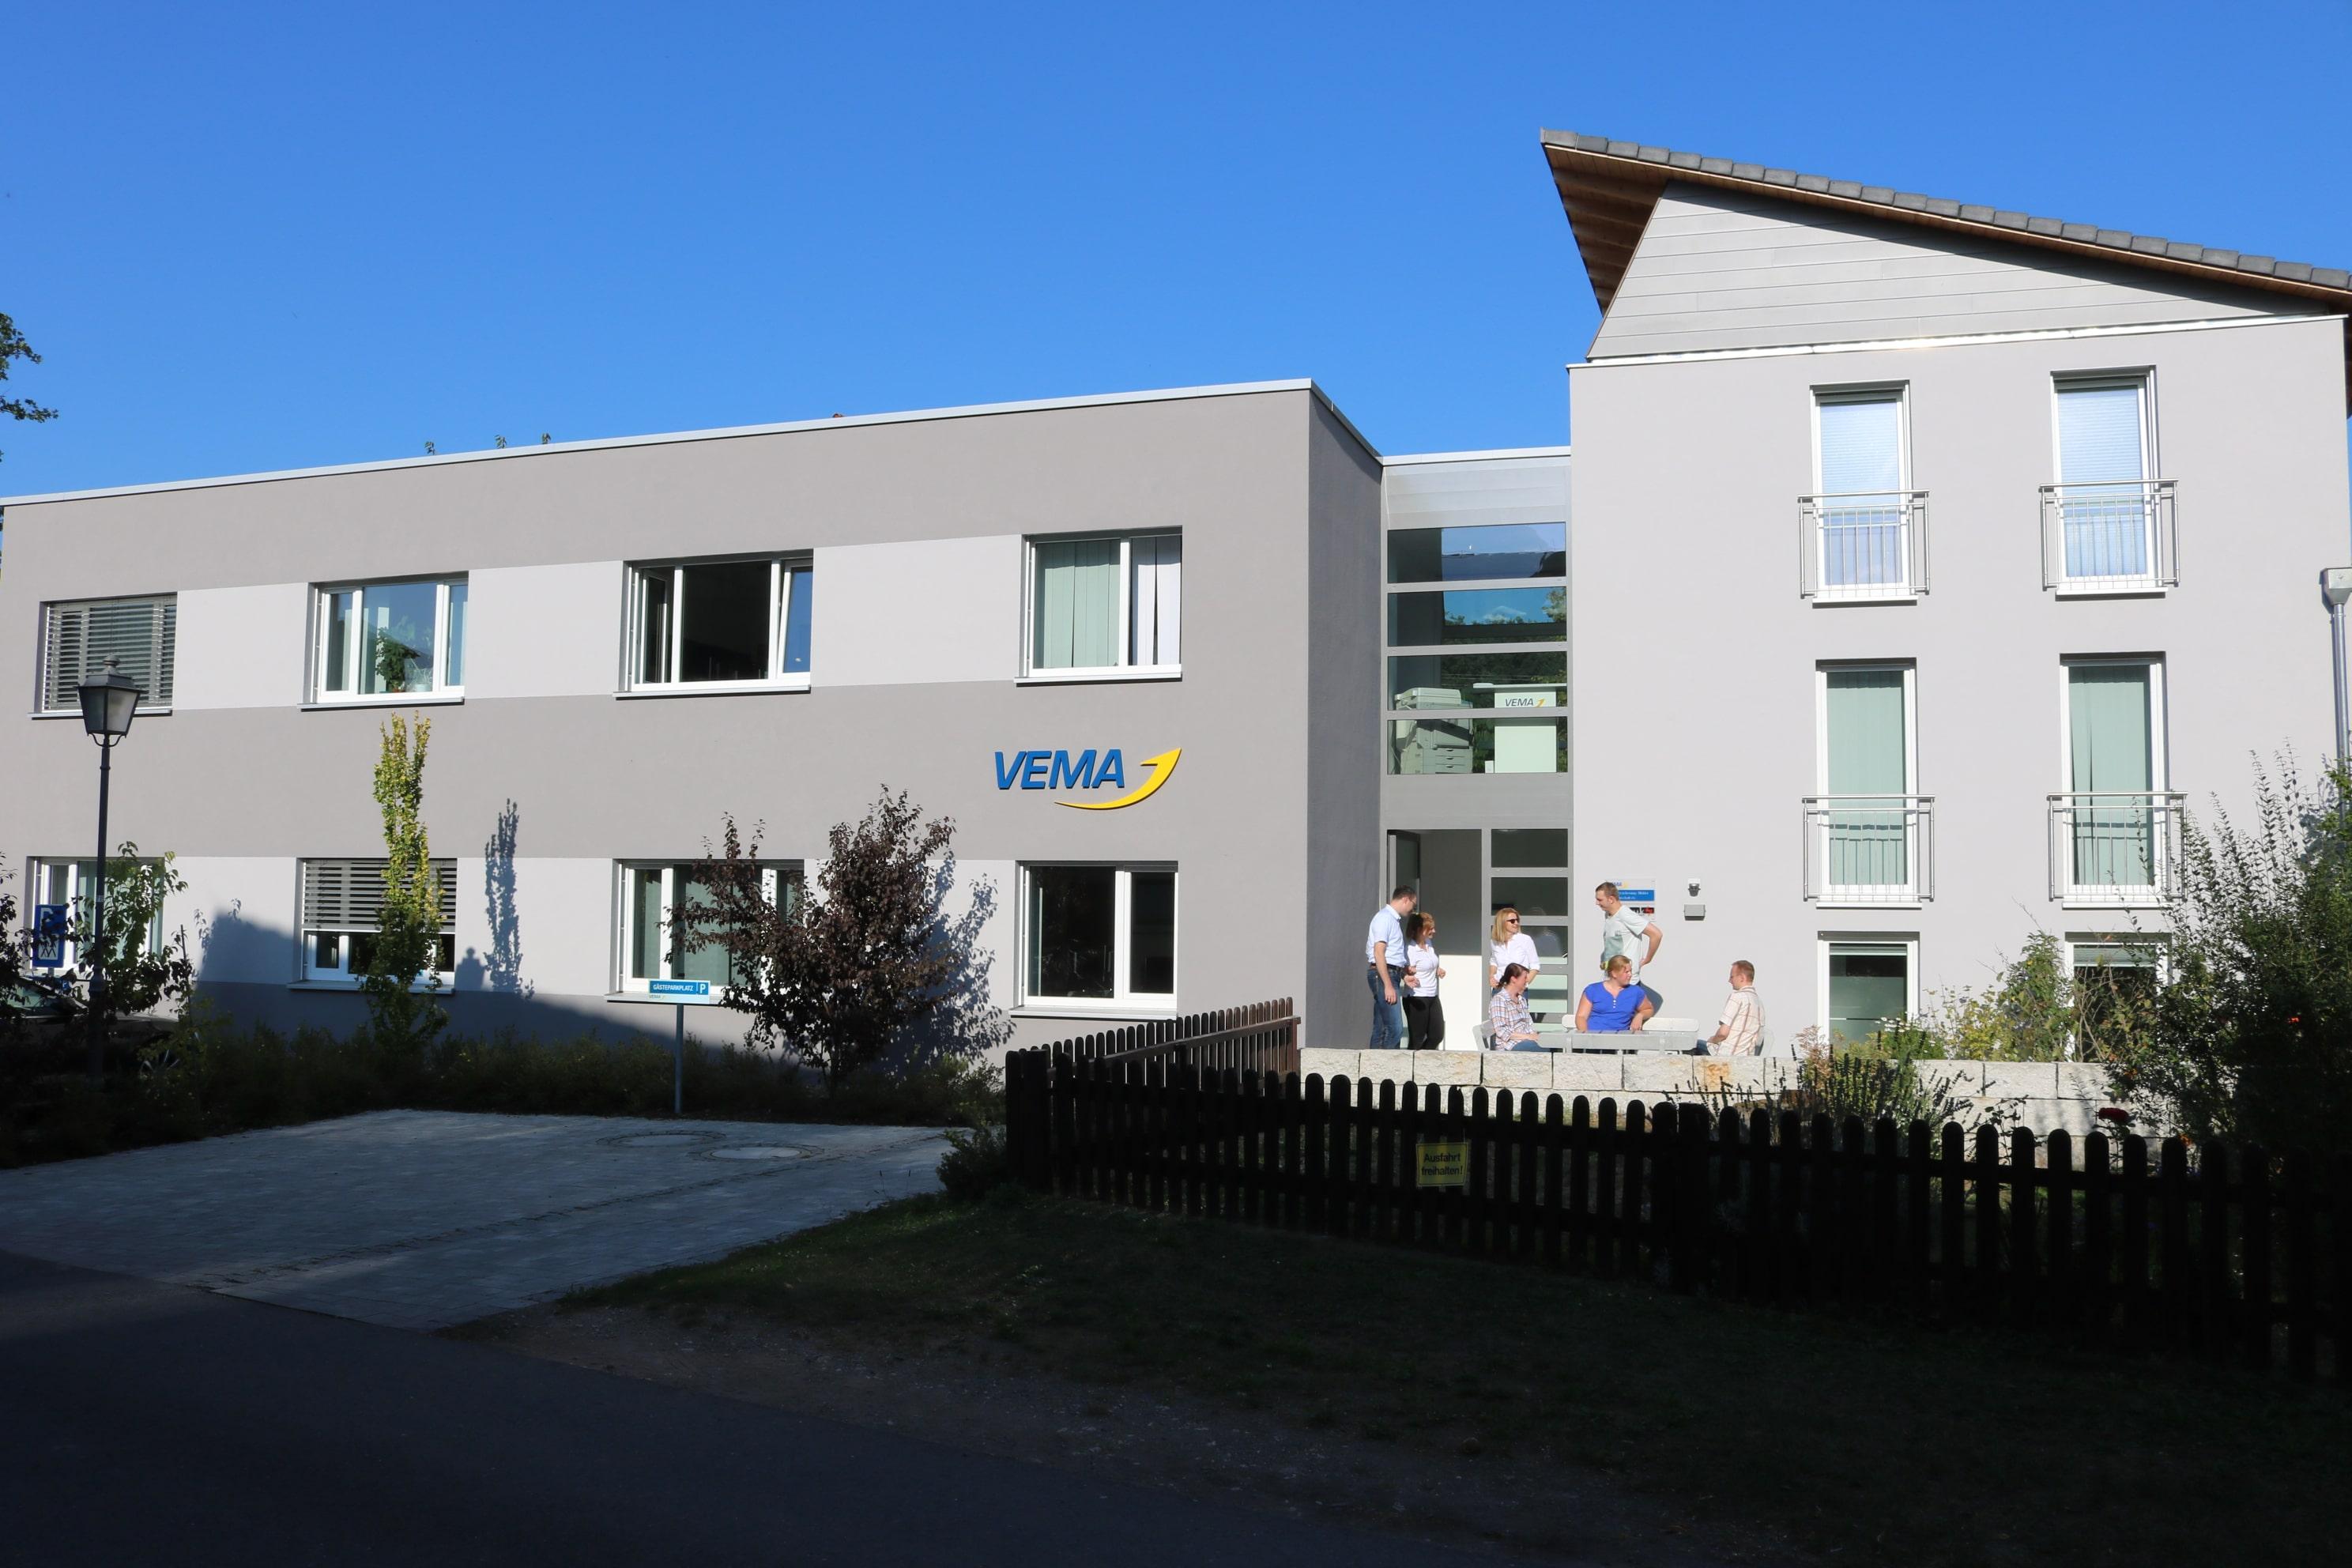 VEMA in Heinersreuth